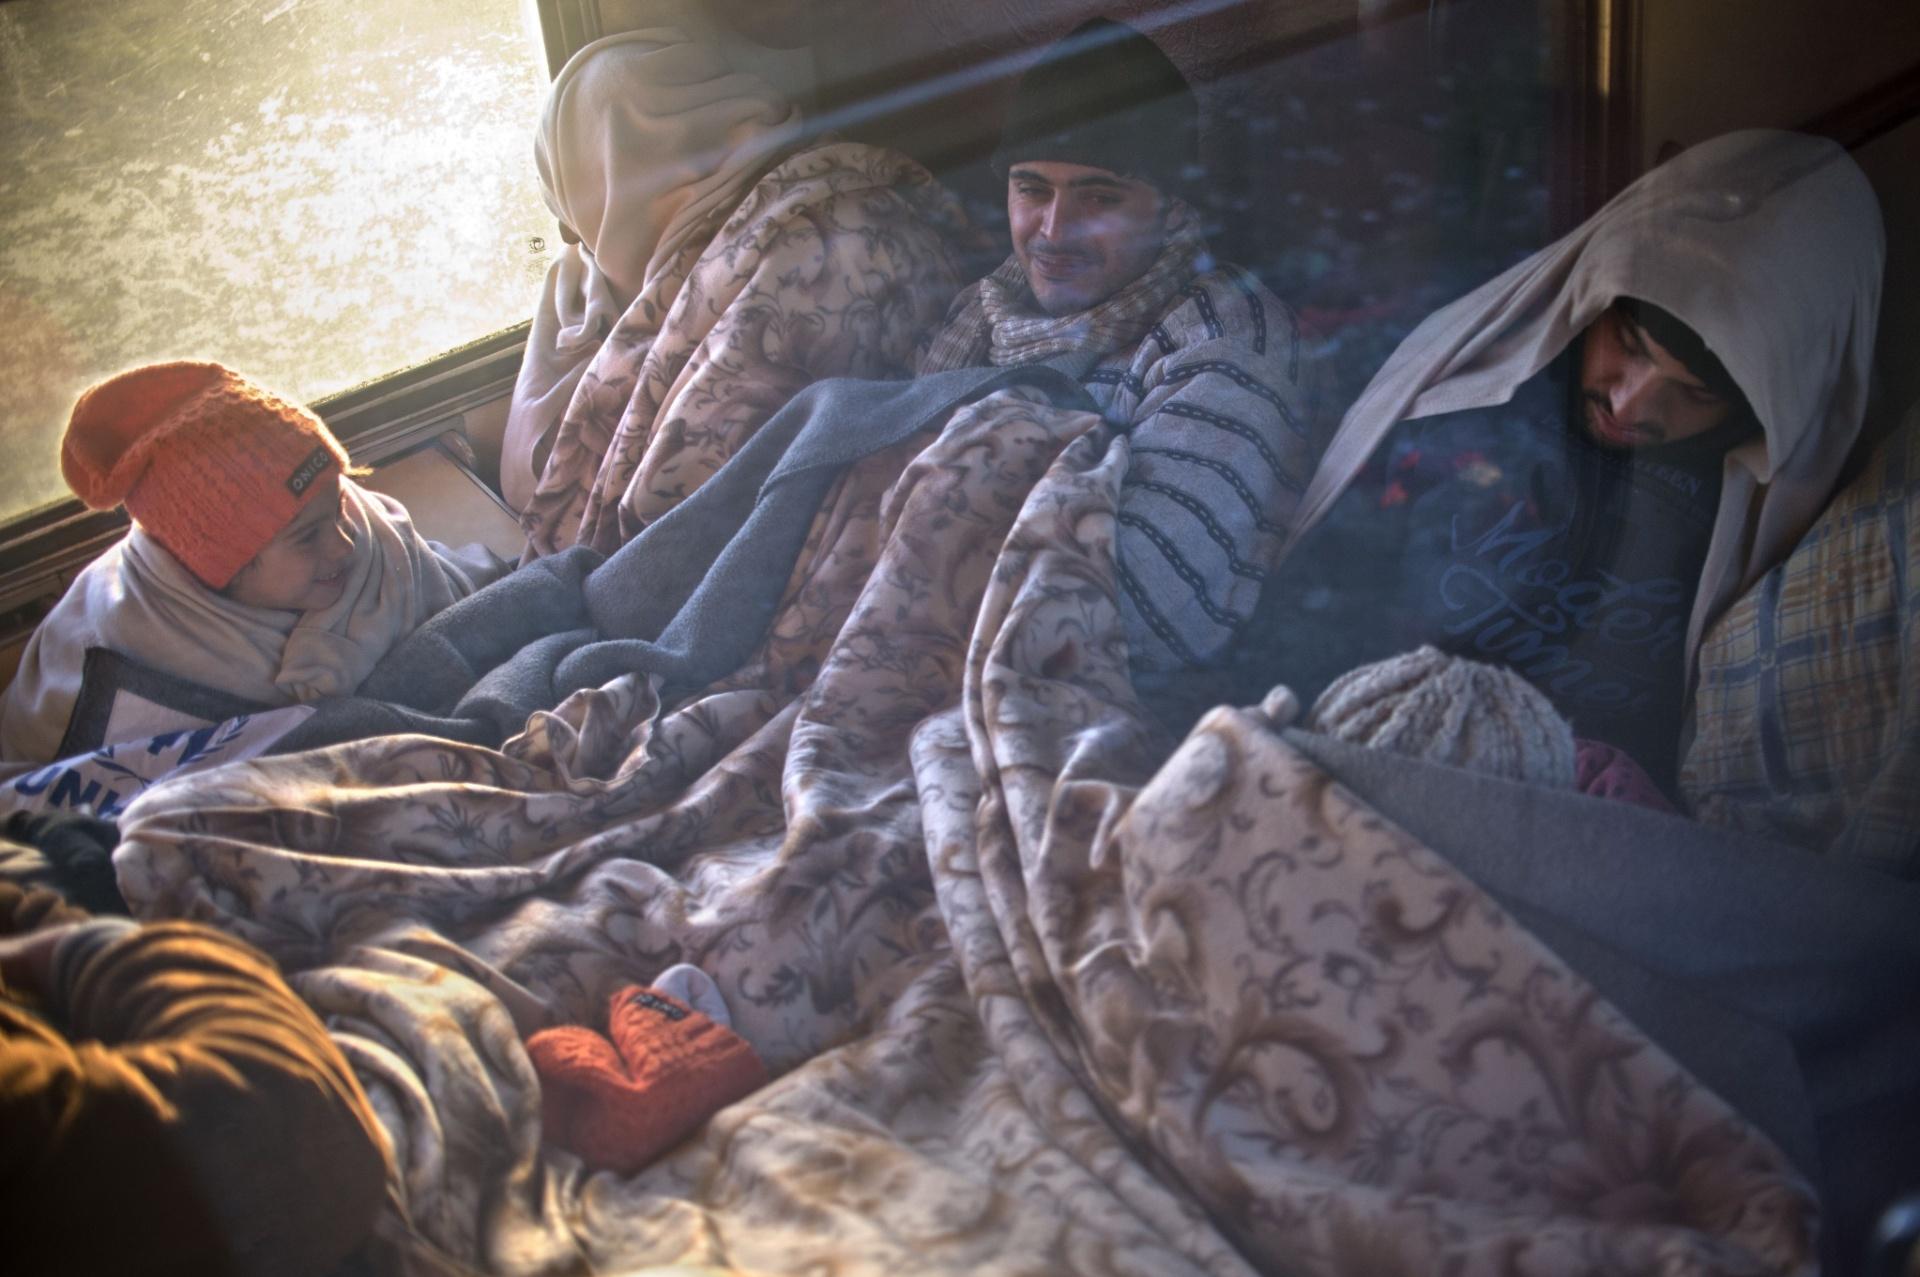 3.nov.2015 - Refugiados tentam se aquecer durante viagem de comboio entre Gevgelija, na fronteira greco-macedônia, para a Sérvia. Mais de 218 mil imigrantes e refugiados atravessaram o mediterrâneo rumo a Europa em outubro, mais do que todo o trânsito de refugiados feito no mesmo perímetro em 2014, segundo a ONU (Organização das Nações Unidas)